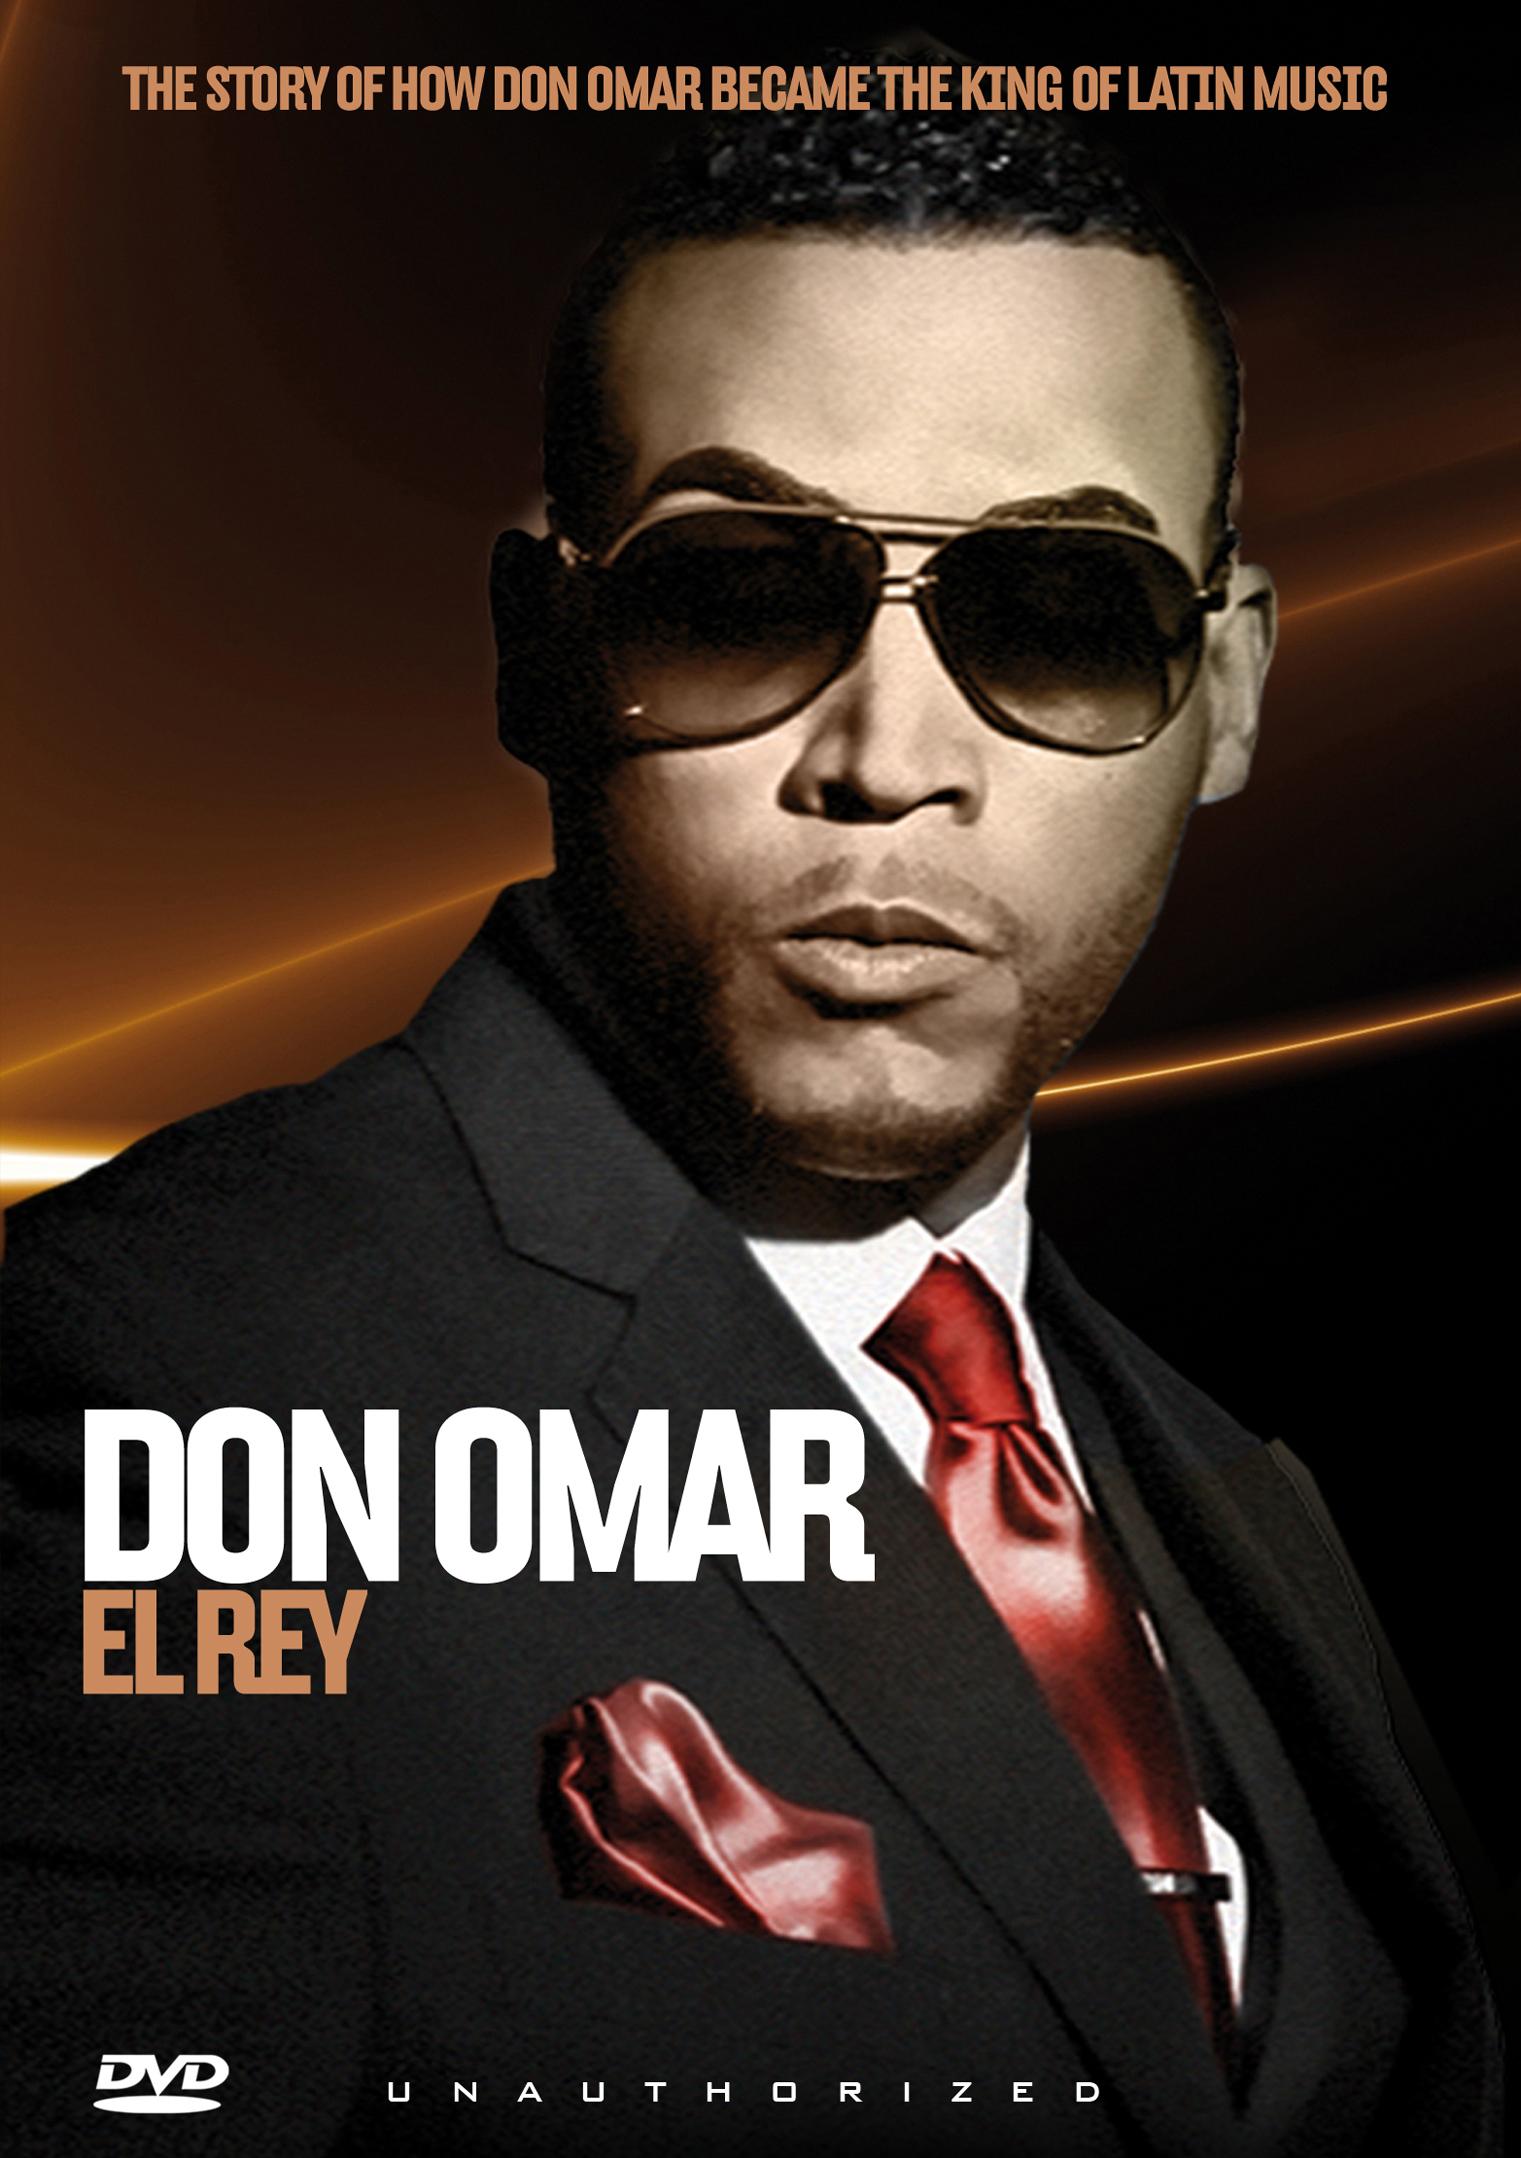 Don Omar: El Rey - Unauthorized